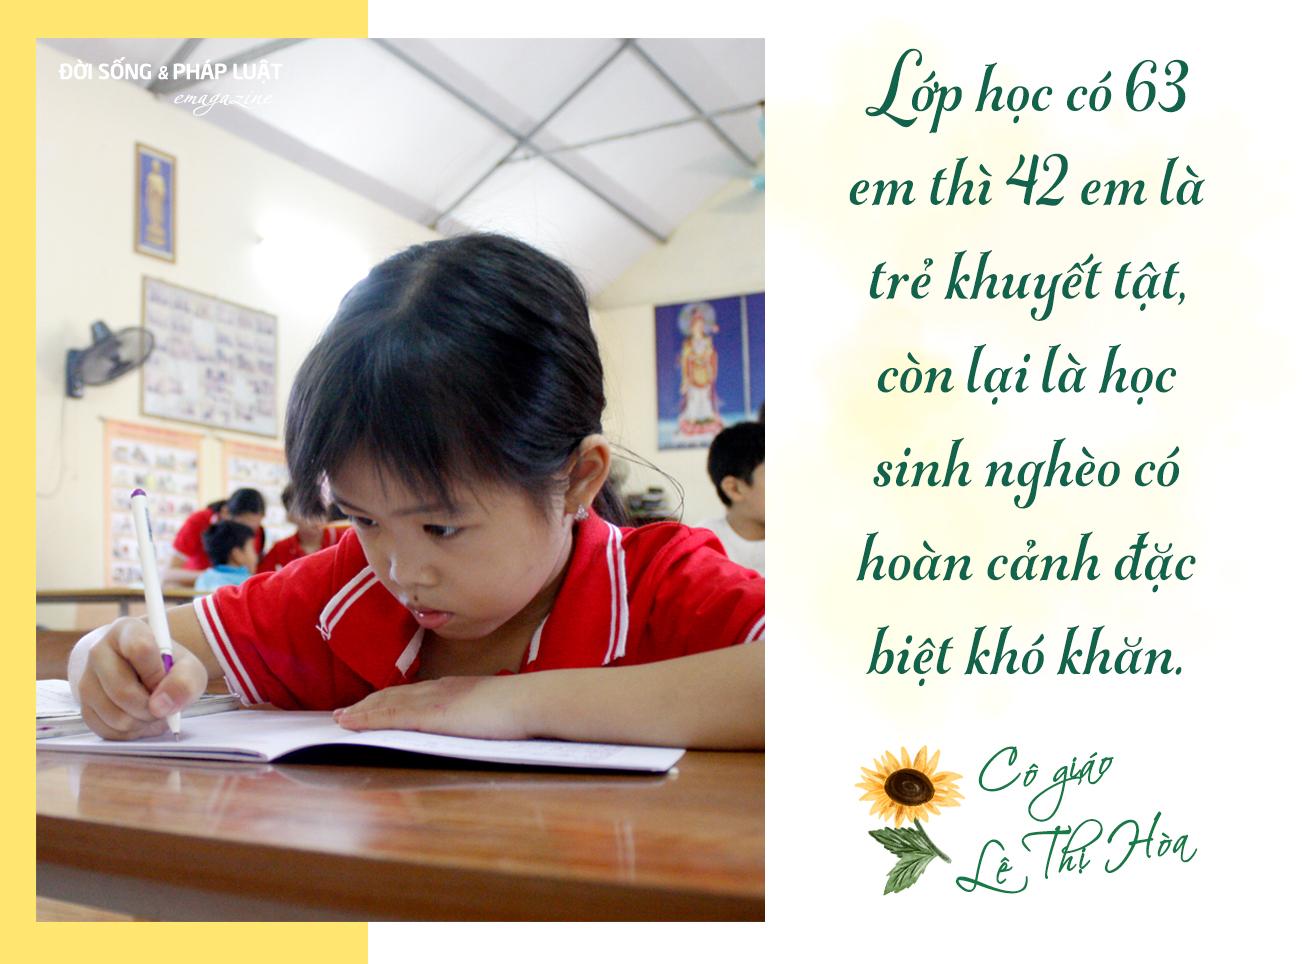 """[E] Cô giáo mang bệnh ung thư và hành trình giúp những mảnh đời """"khiếm khuyết"""" trở nên vẹn tròn - Ảnh 3"""